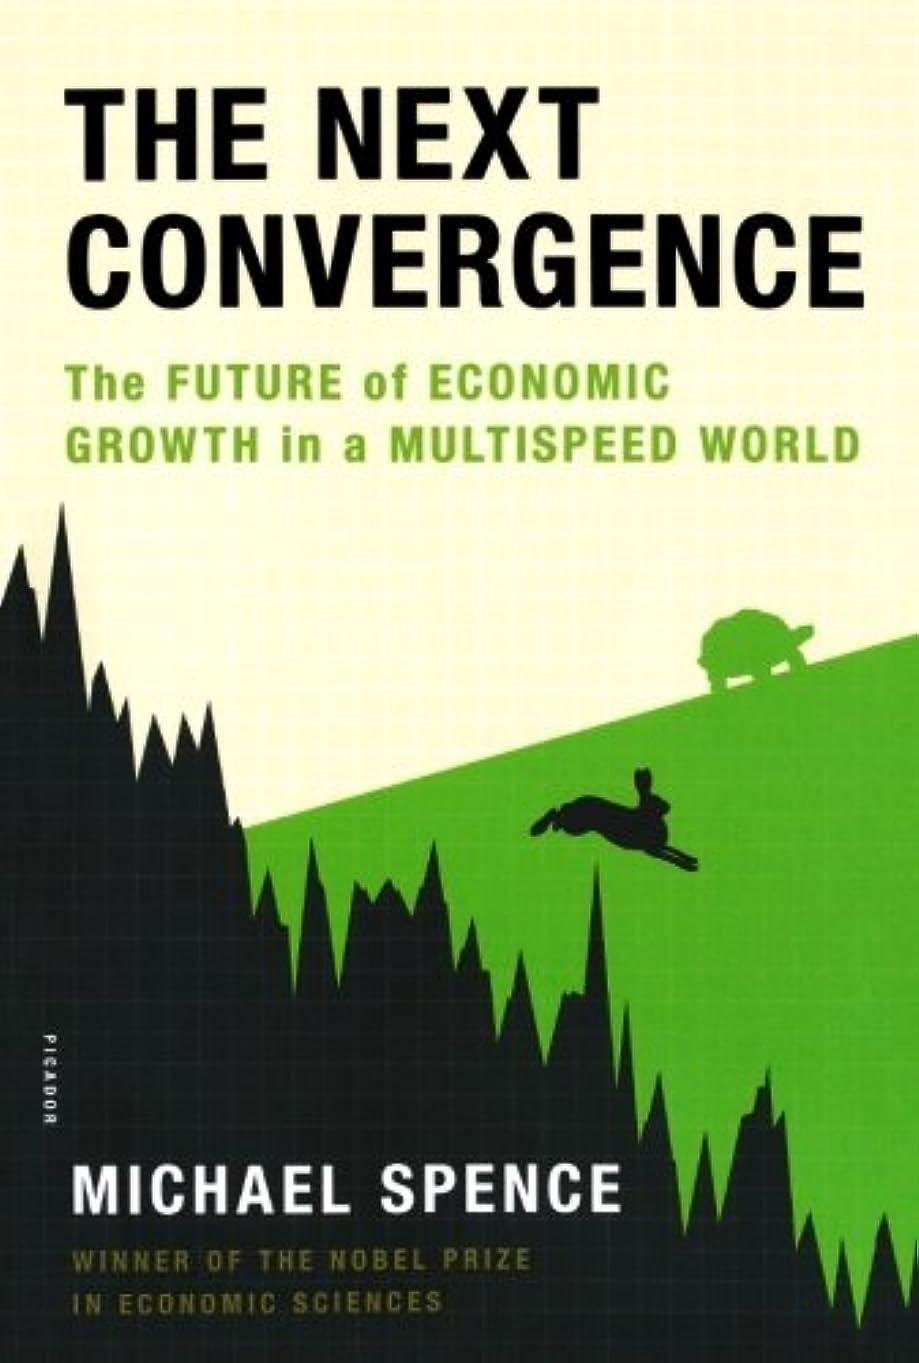 労苦教養があるブローThe Next Convergence: The Future of Economic Growth in a Multispeed World